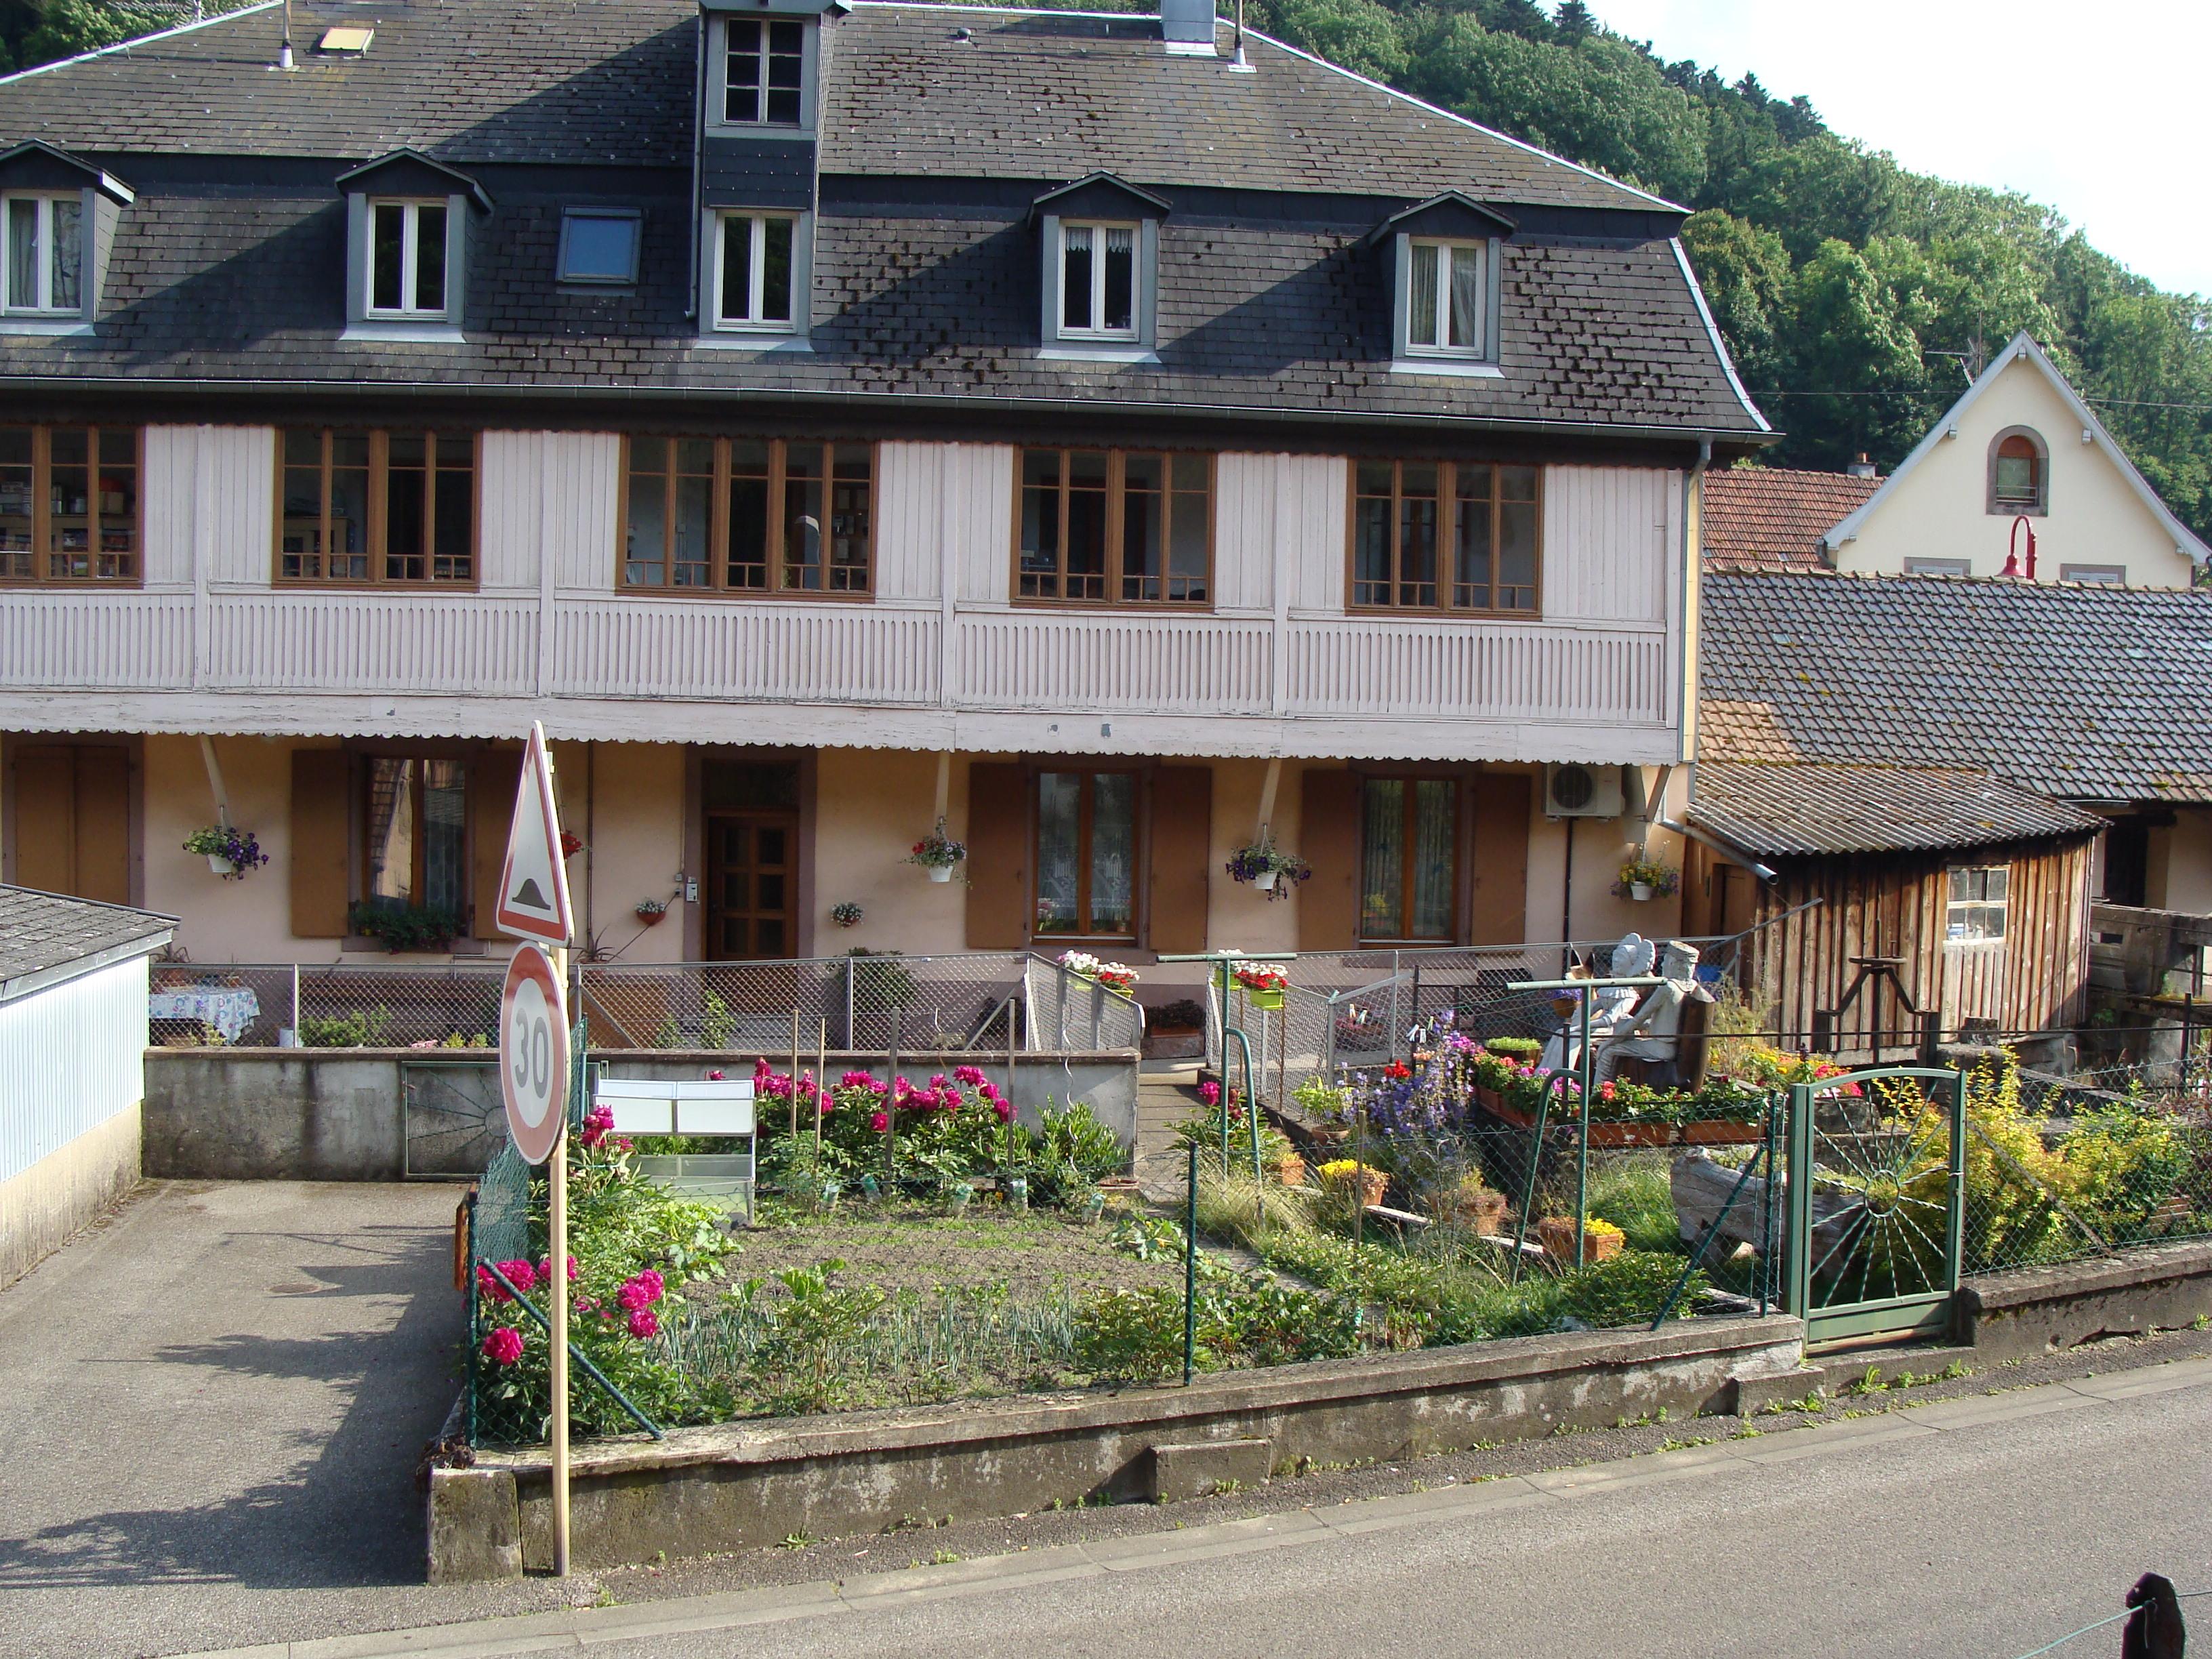 Les Meubles Orbelais Au Bord De La Riviere Village